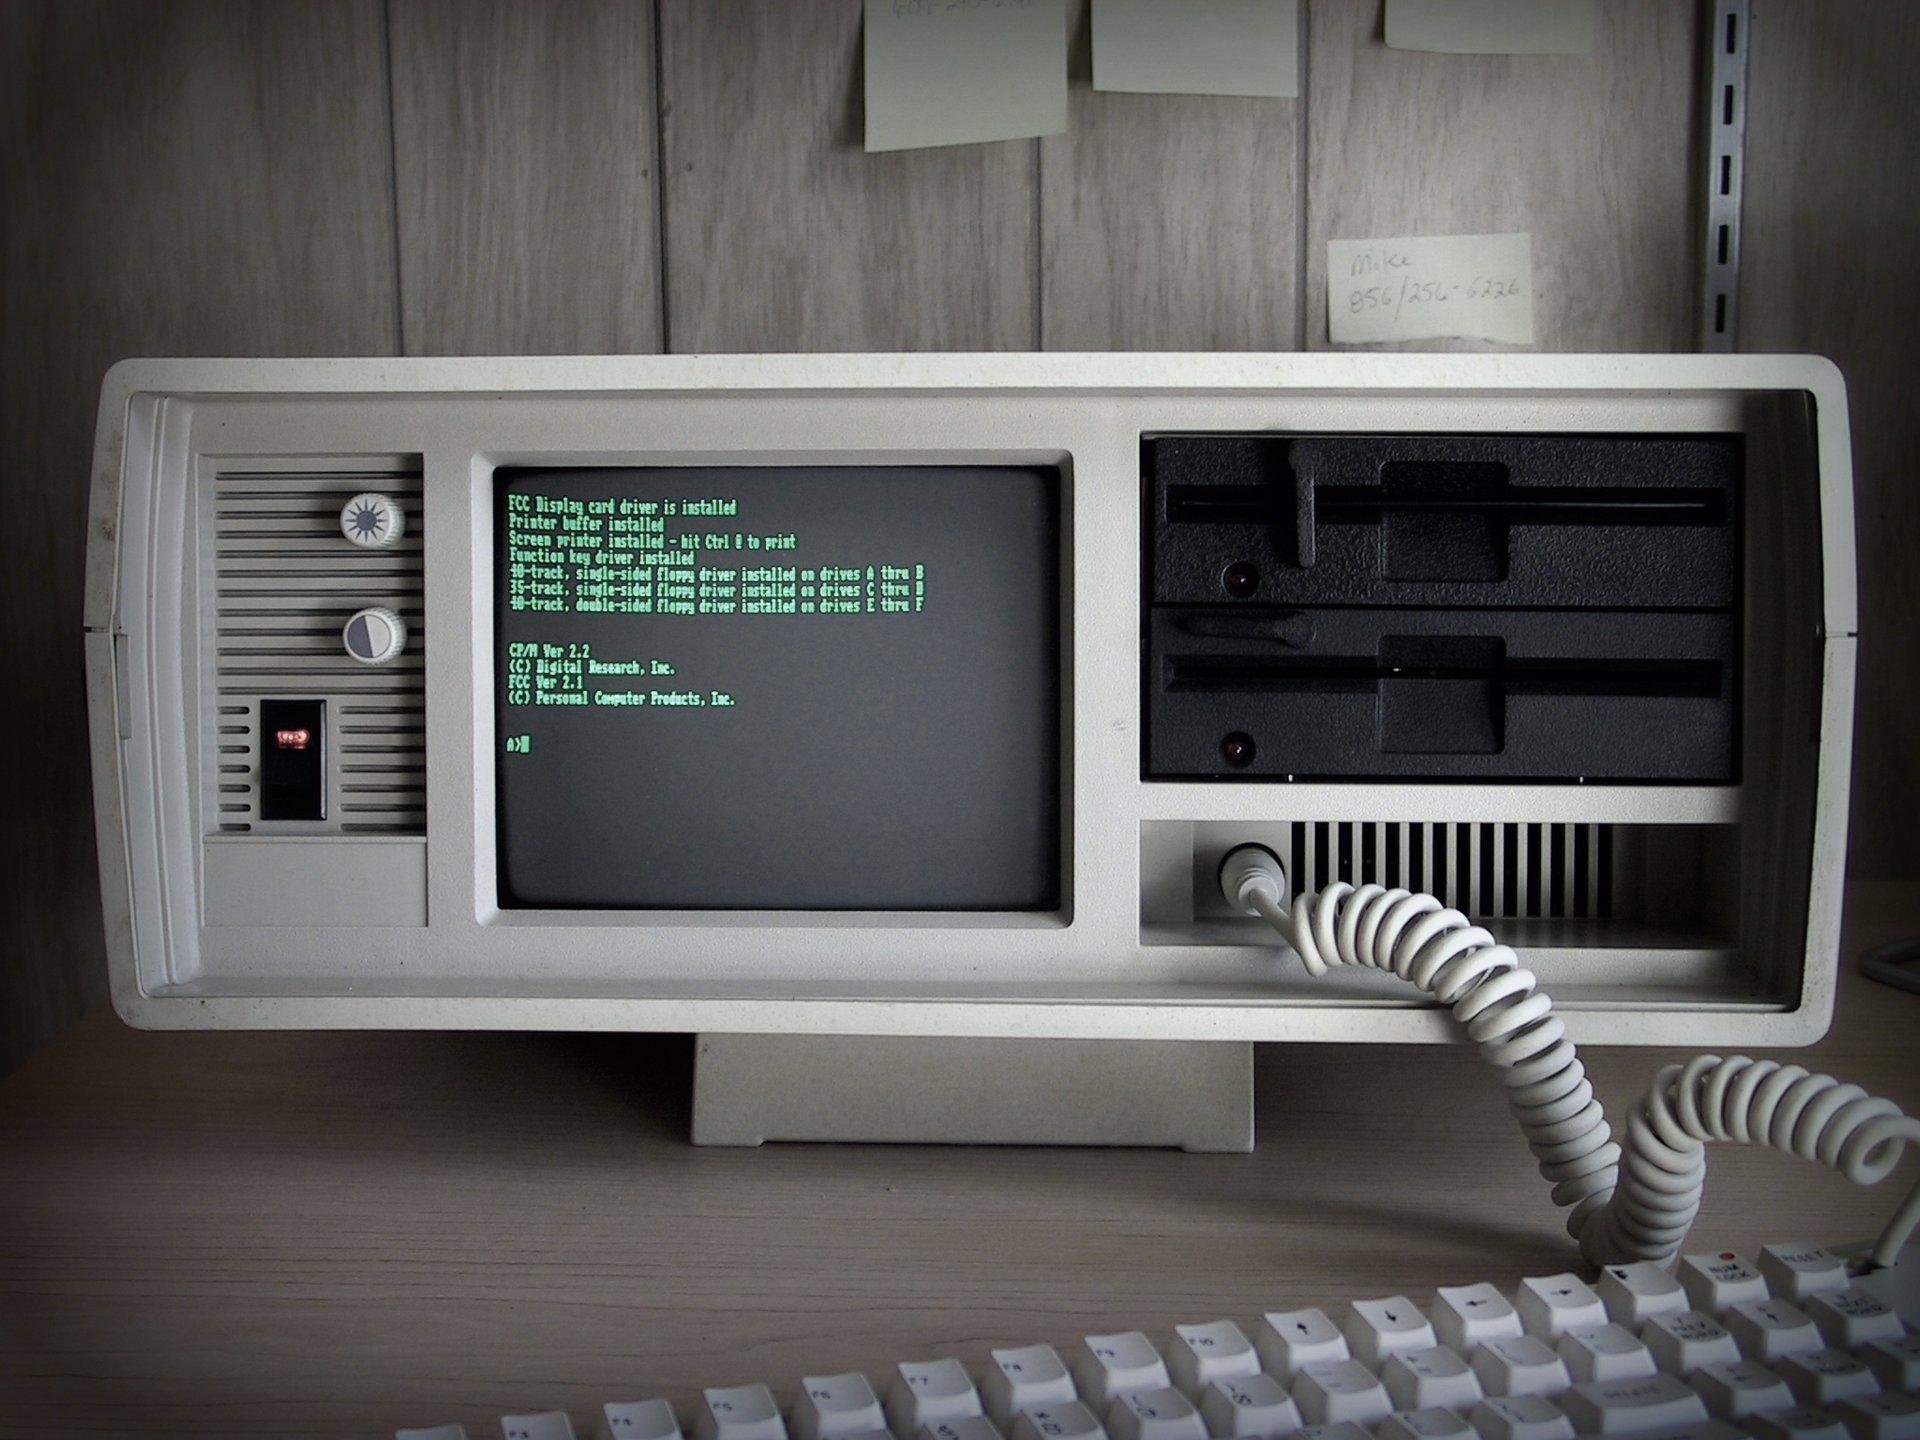 computers la computadora es muy beneficiosa Cuando se habla de cloud computing, todavía muchos interpretan que se trata  de  lo que se traduce en importantes beneficios para el medio ambiente  el  pc rendirá mucho mejor porque tiene menos procesos cargados.